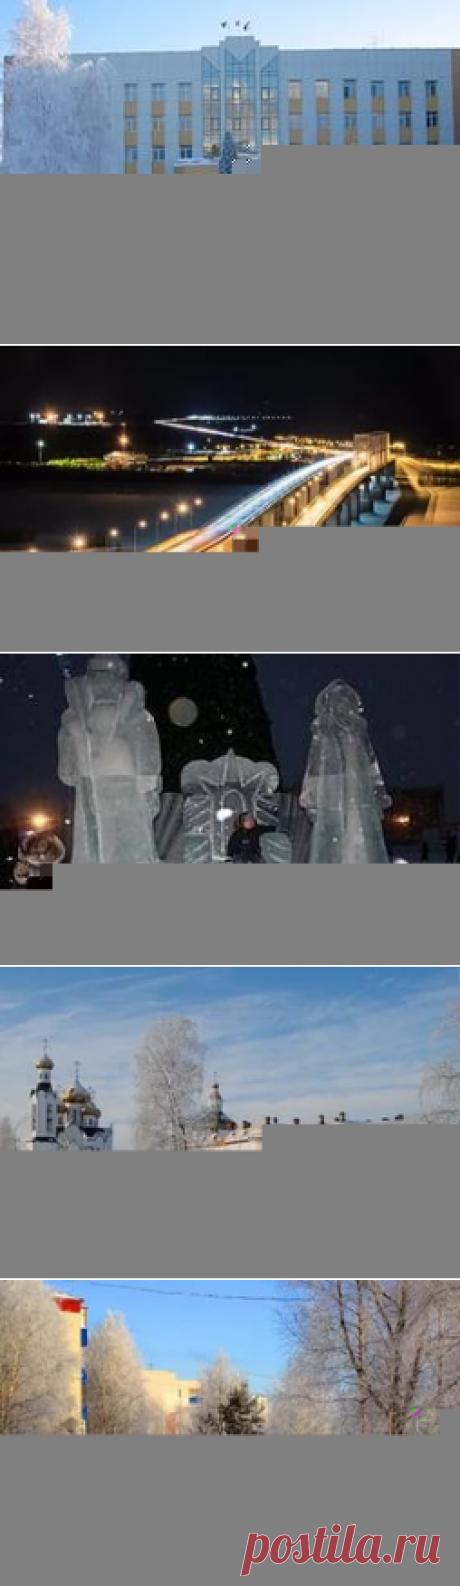 нефтеюганск фото города зимой 2015: 18 тыс изображений найдено в Яндекс.Картинках